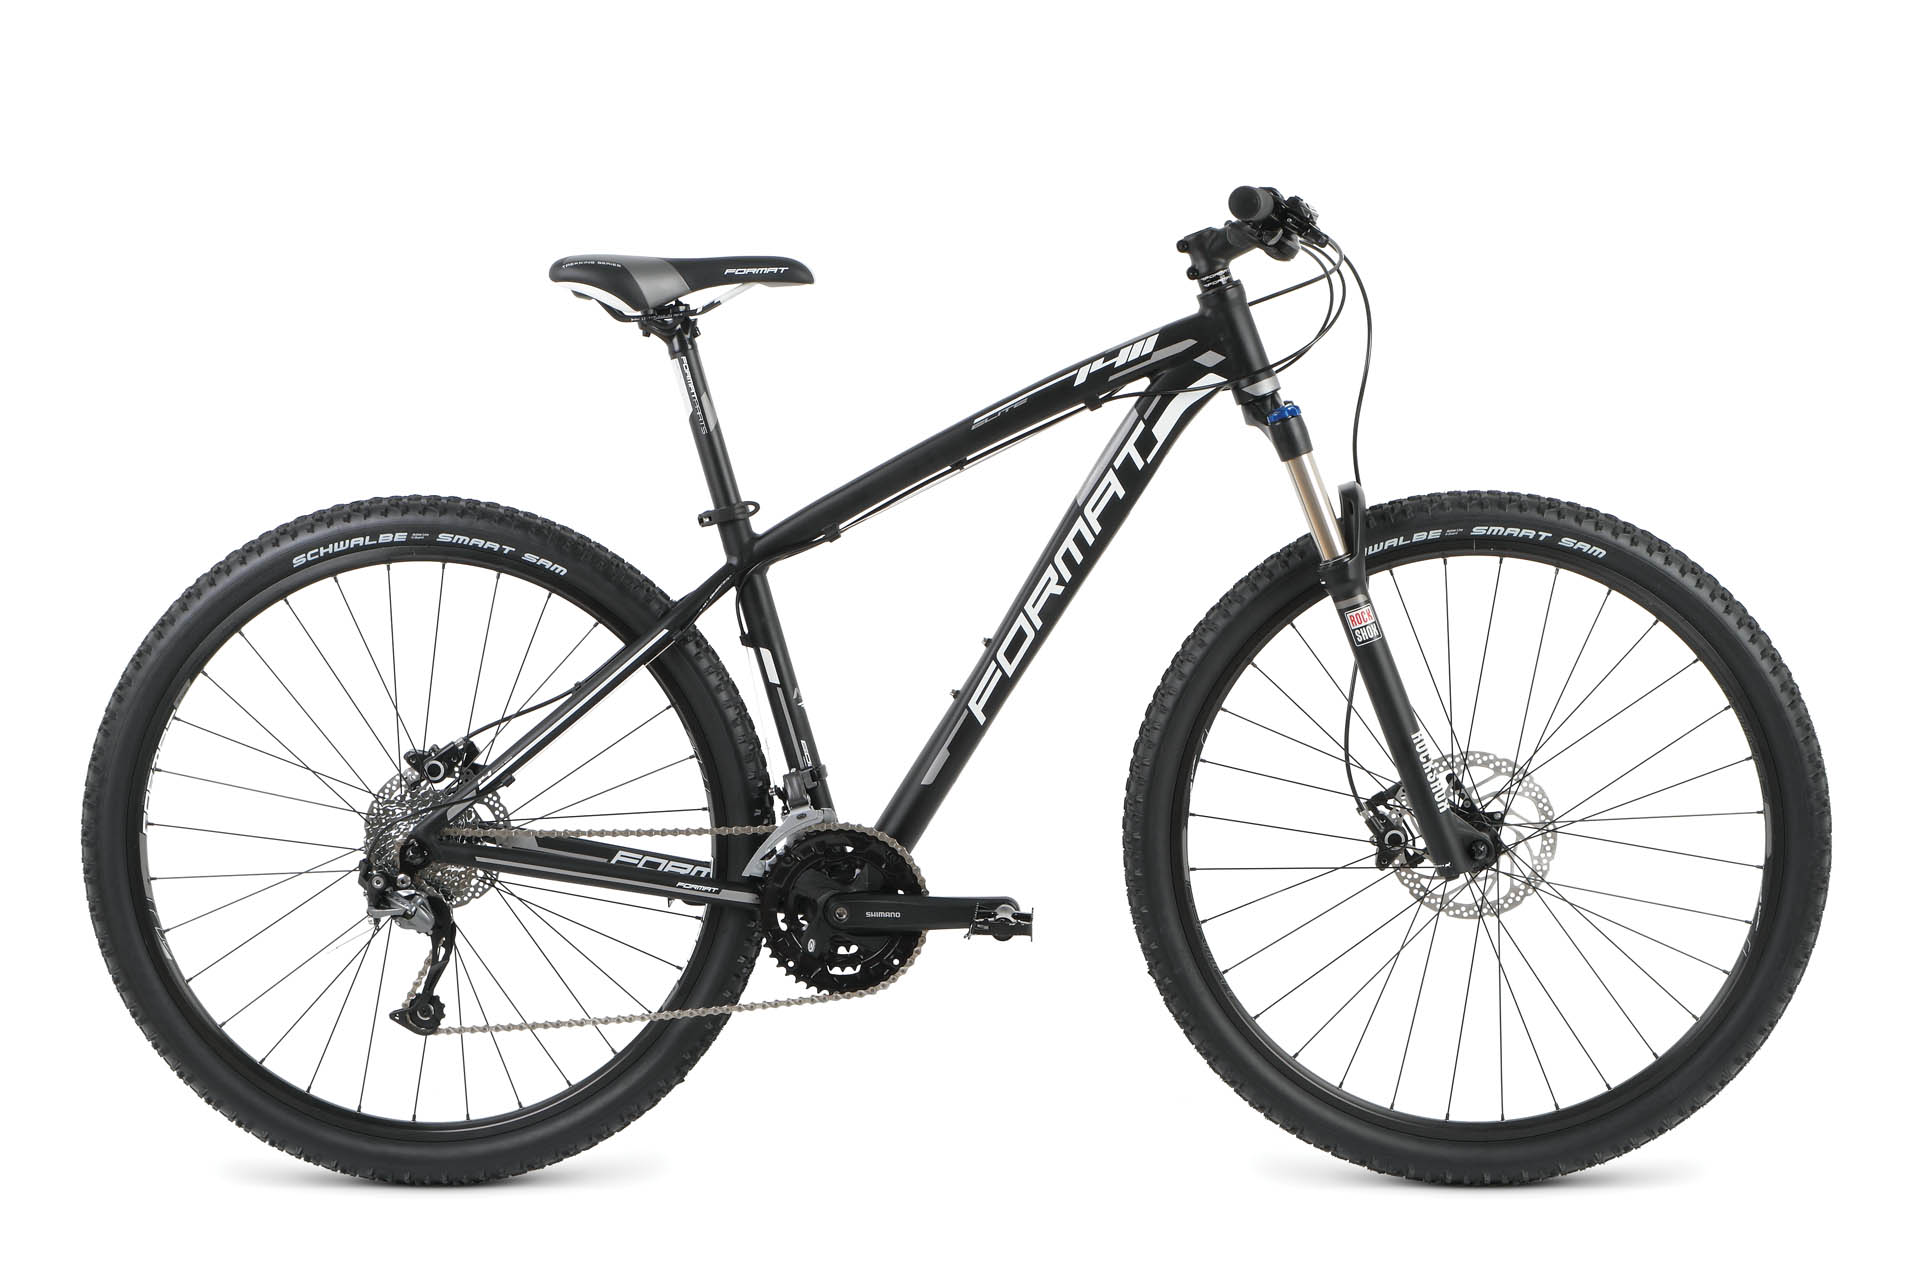 Велосипеды Stels купить велосипед Стелс в Москве цены